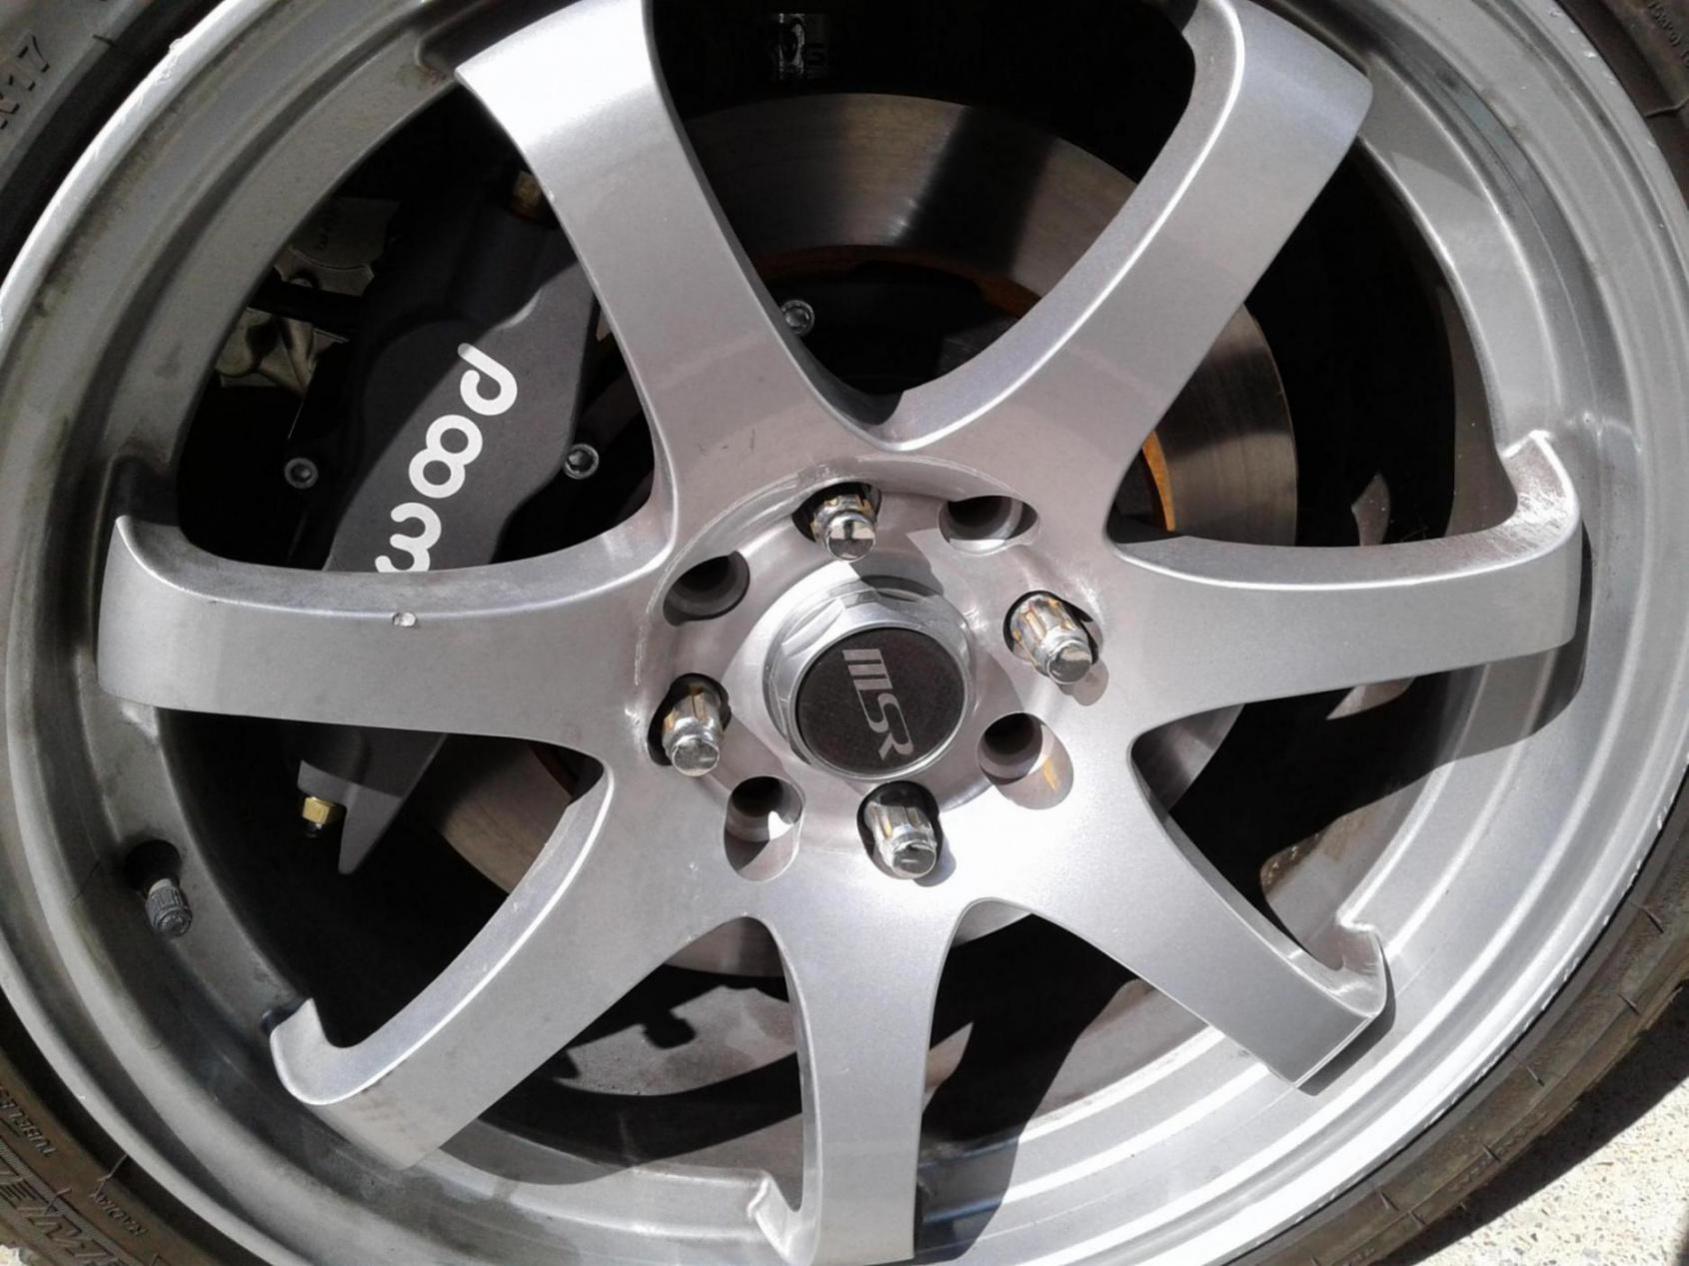 Wildwood Plus 2 front brake kit-20170925_112603_1506363367851.jpg